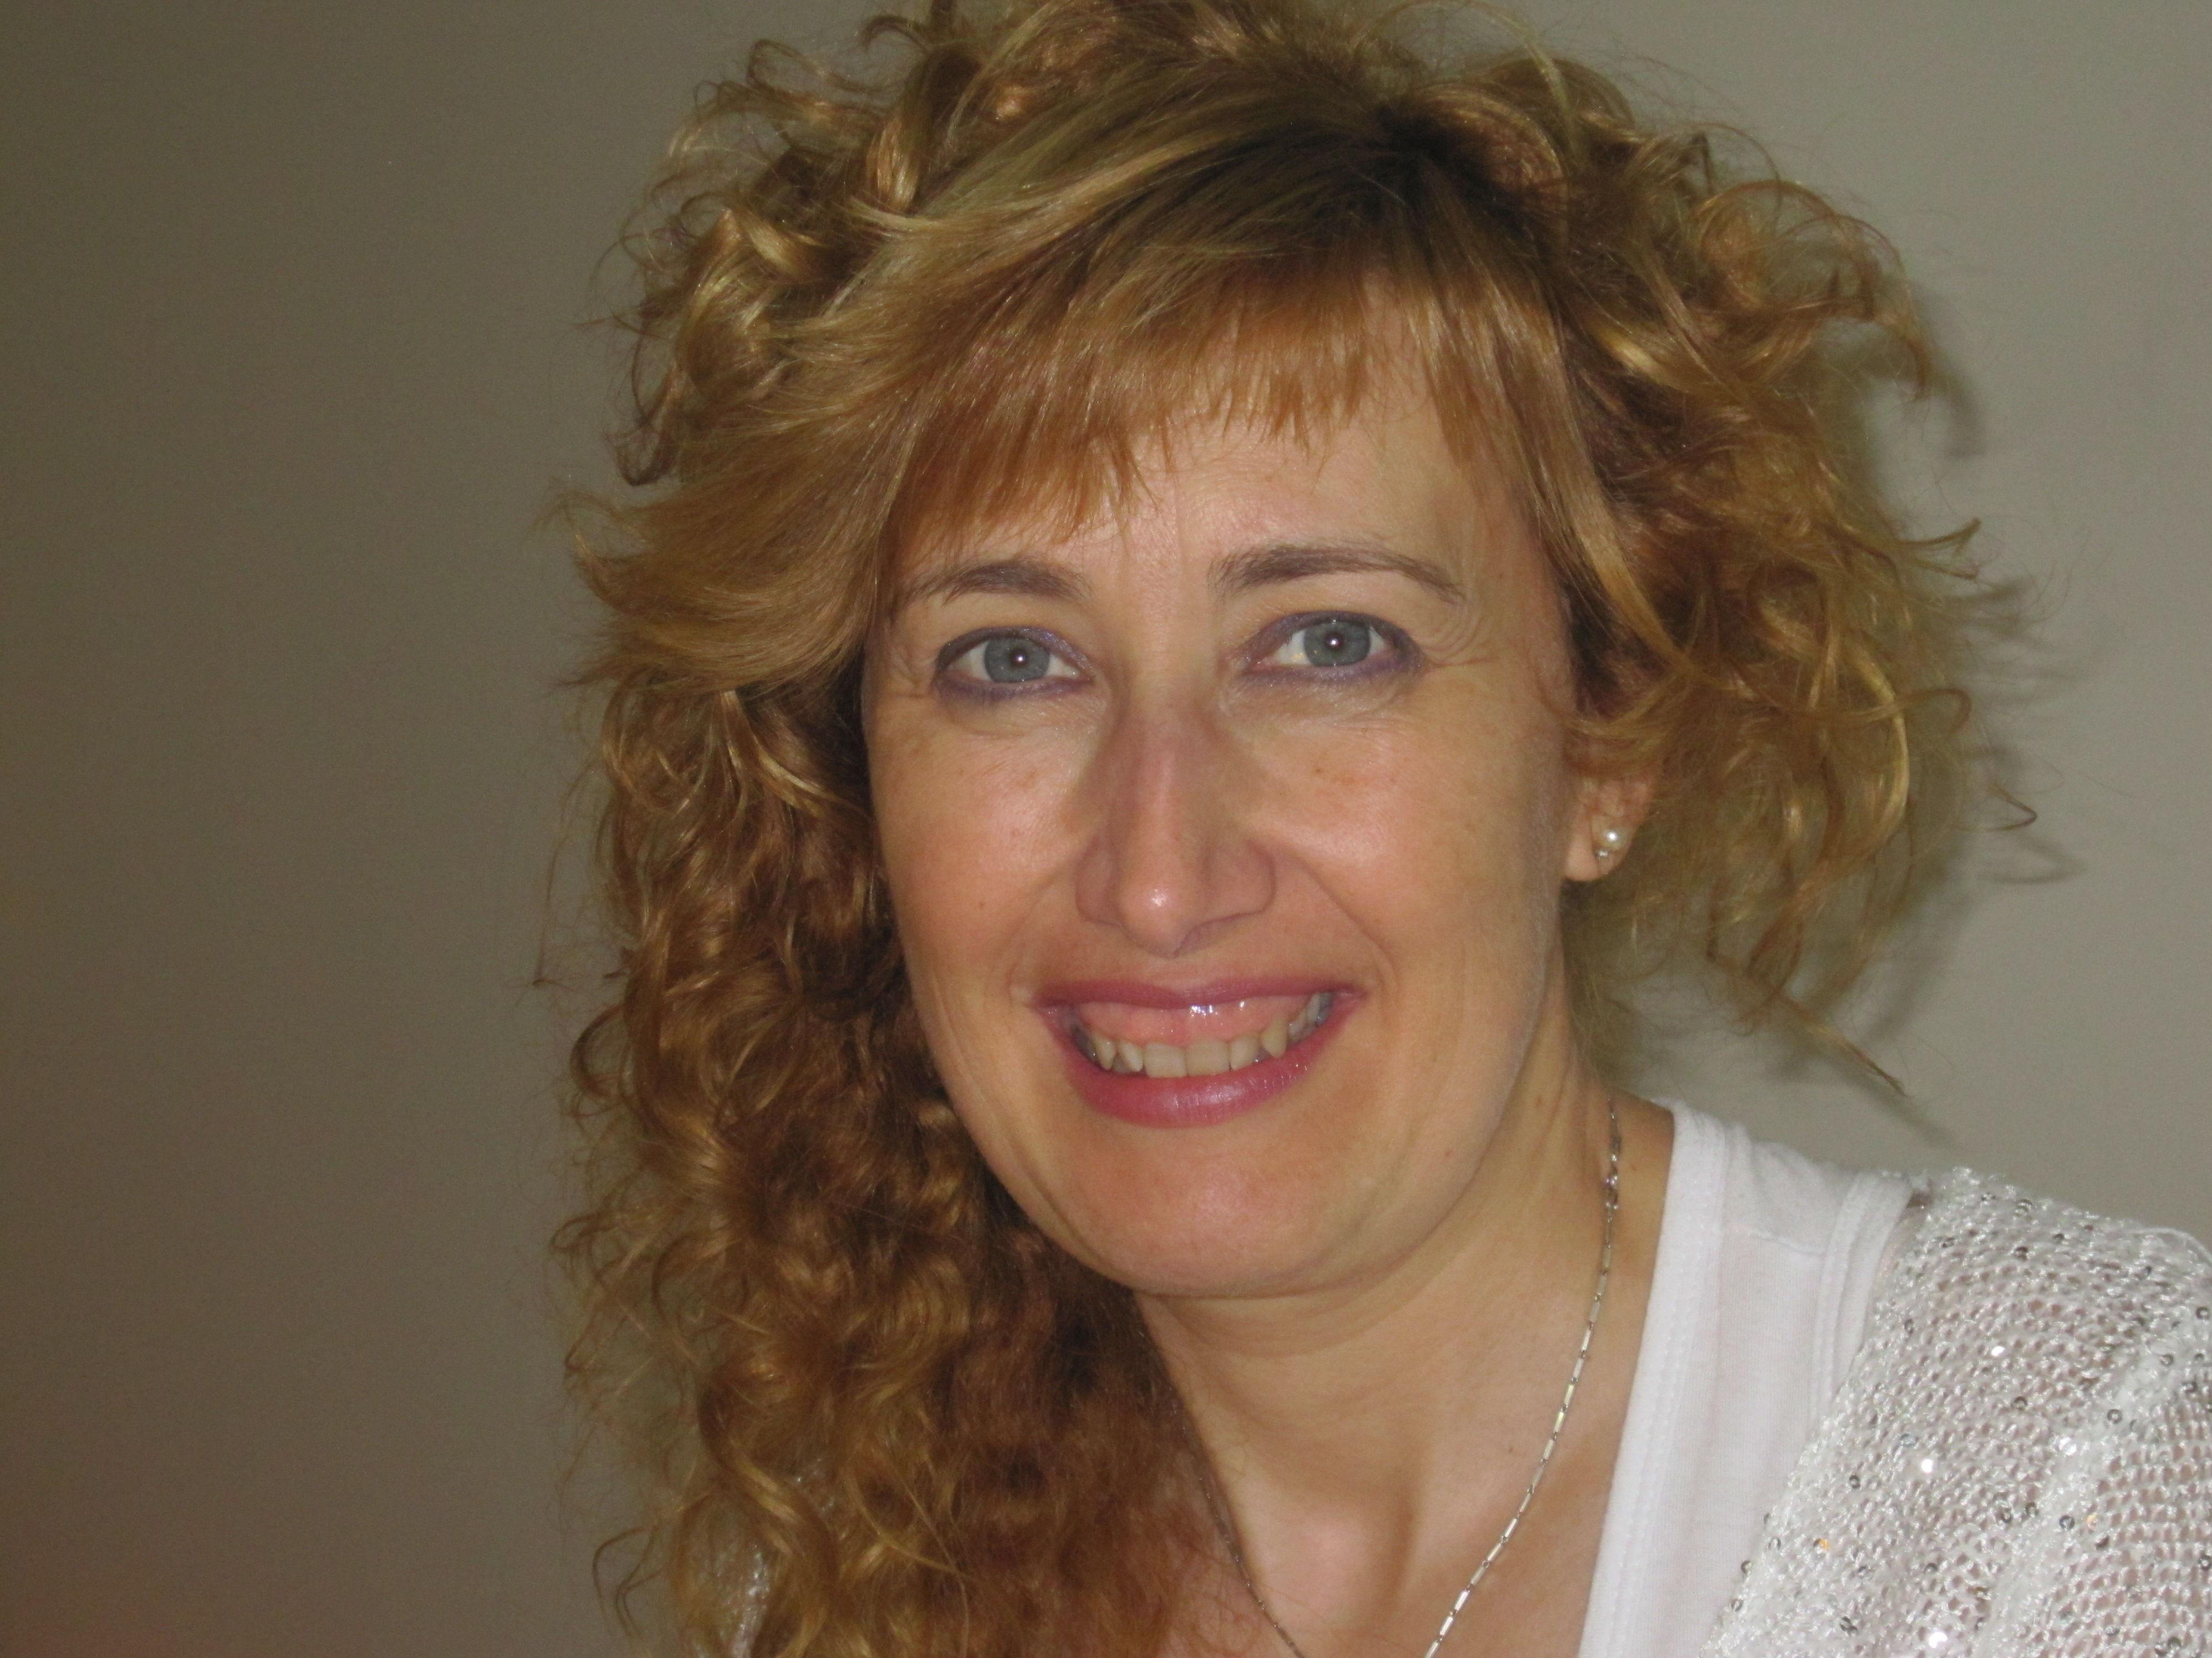 Ángela Villalba